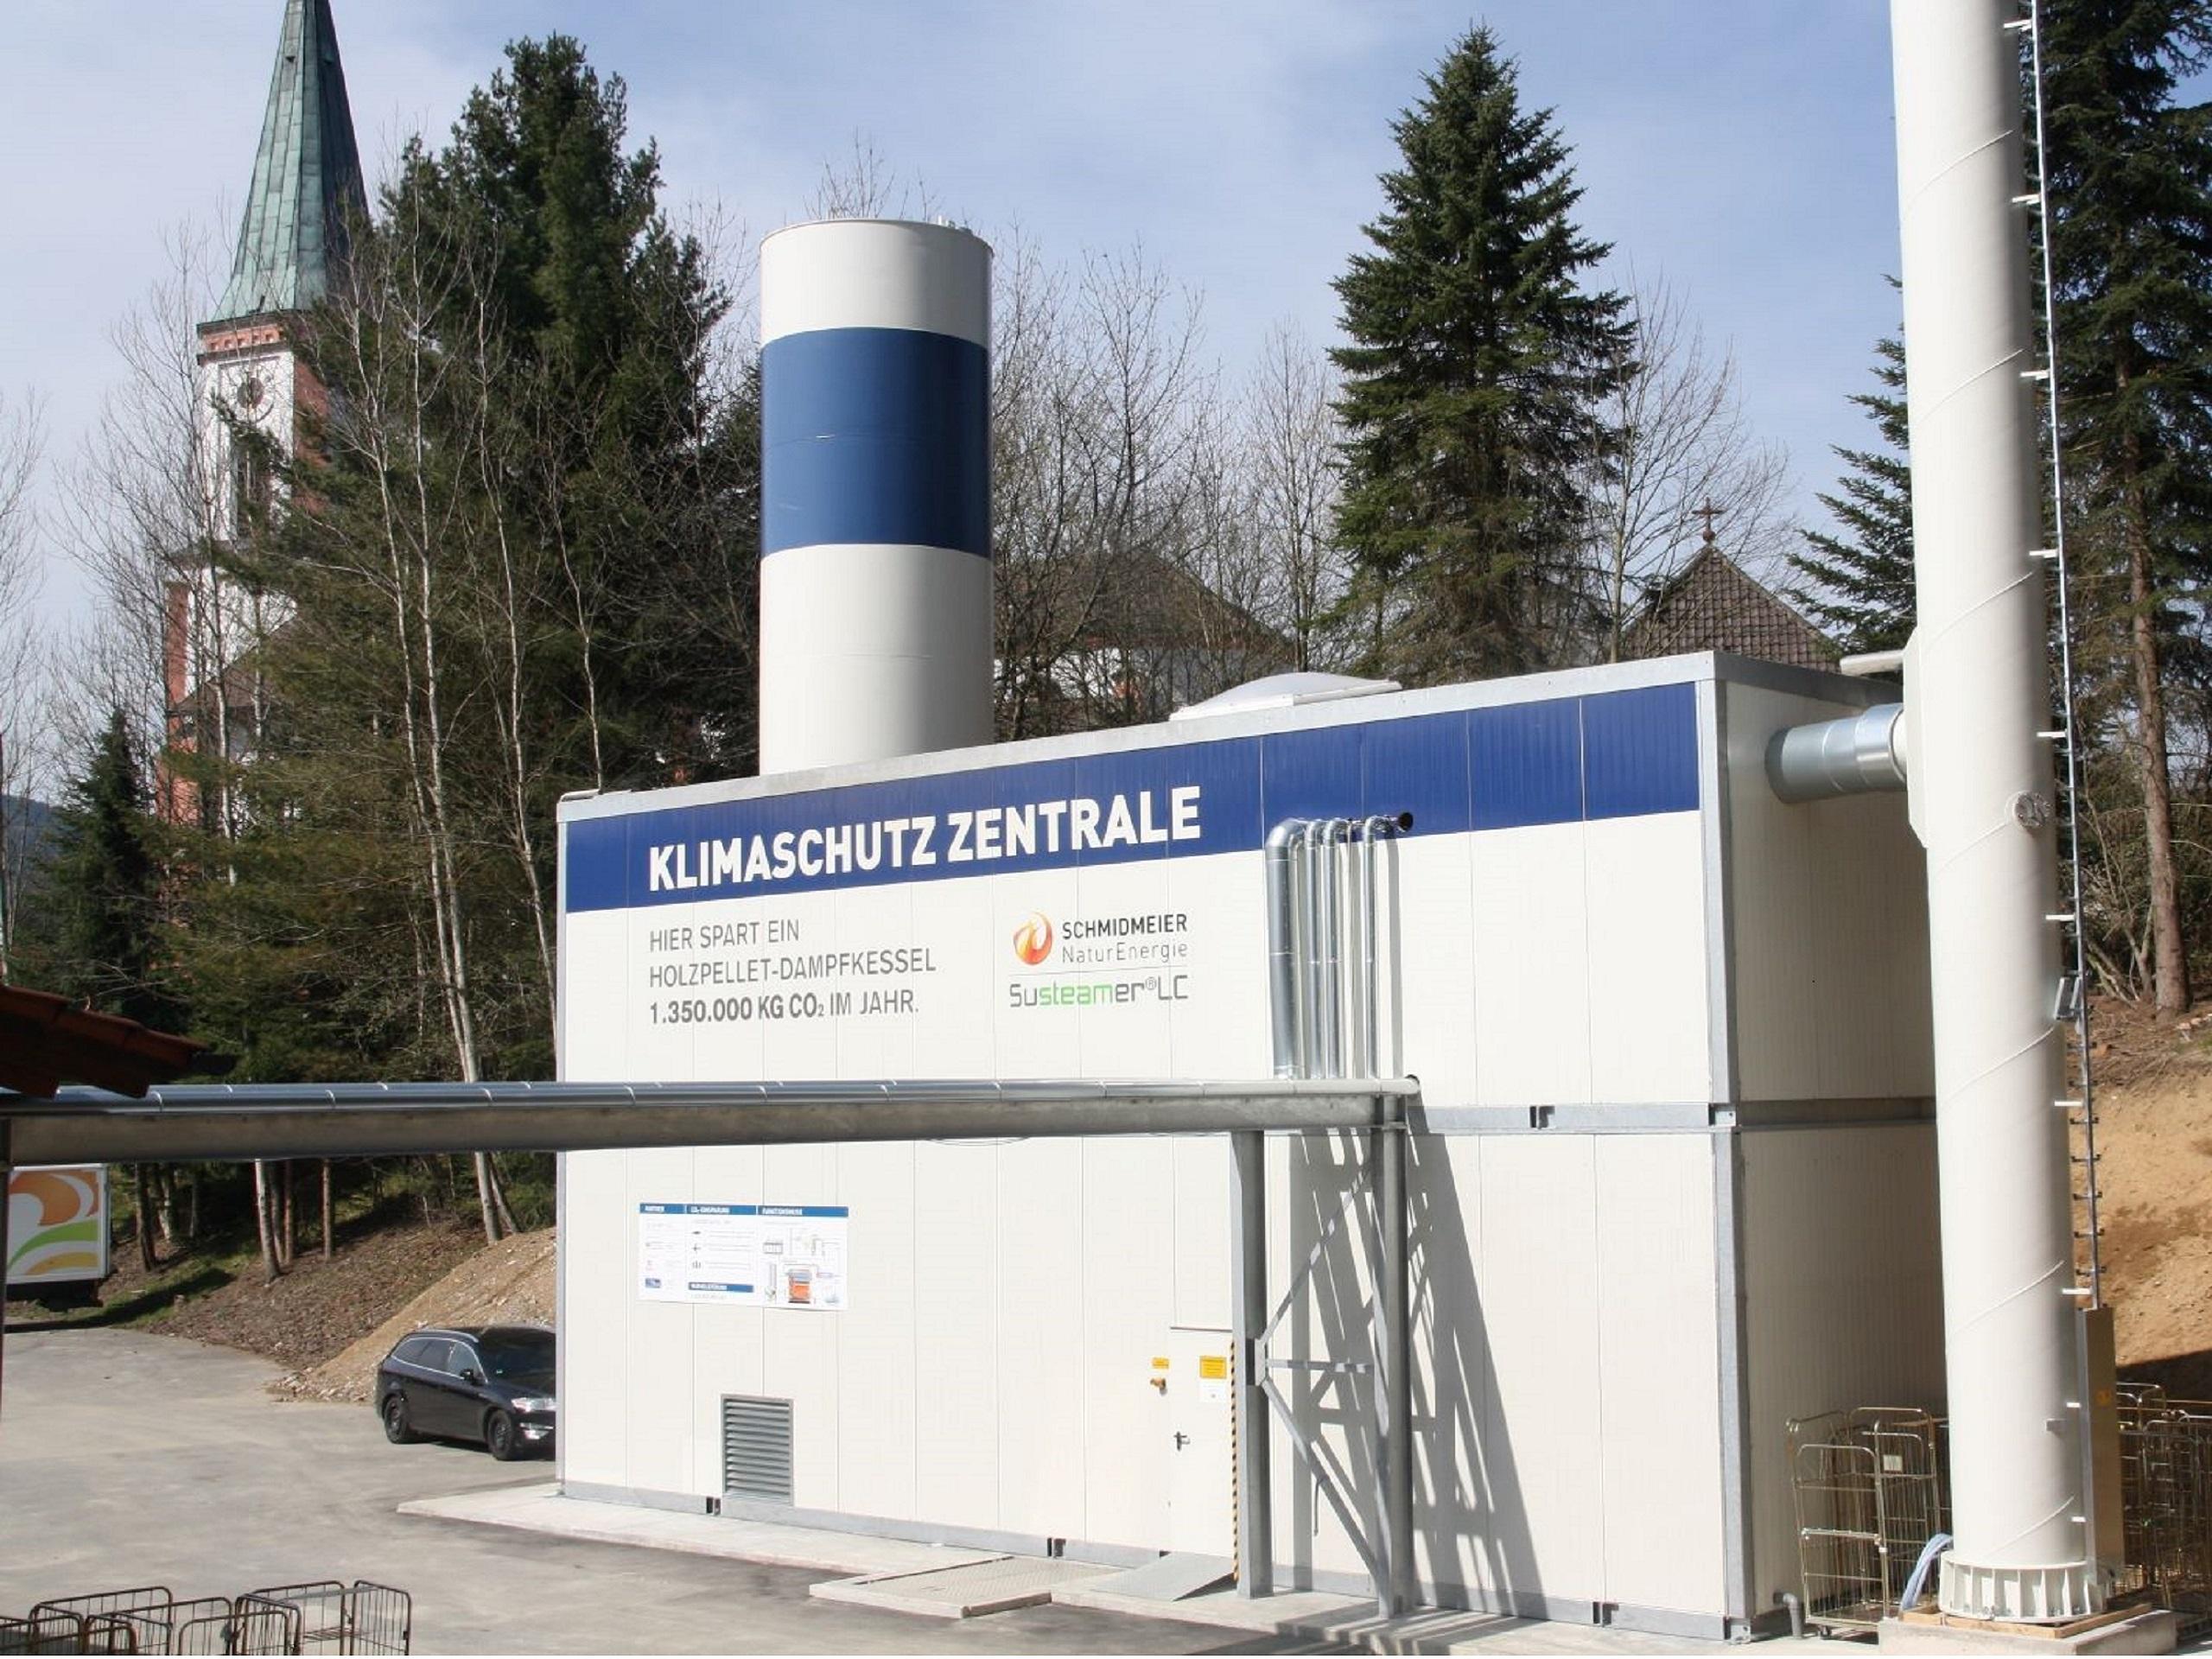 """C.A.R.M.E.N.-WebKonferenz zu """"Prozesswärme mit Holzenergie"""" am 18. Februar 2021"""